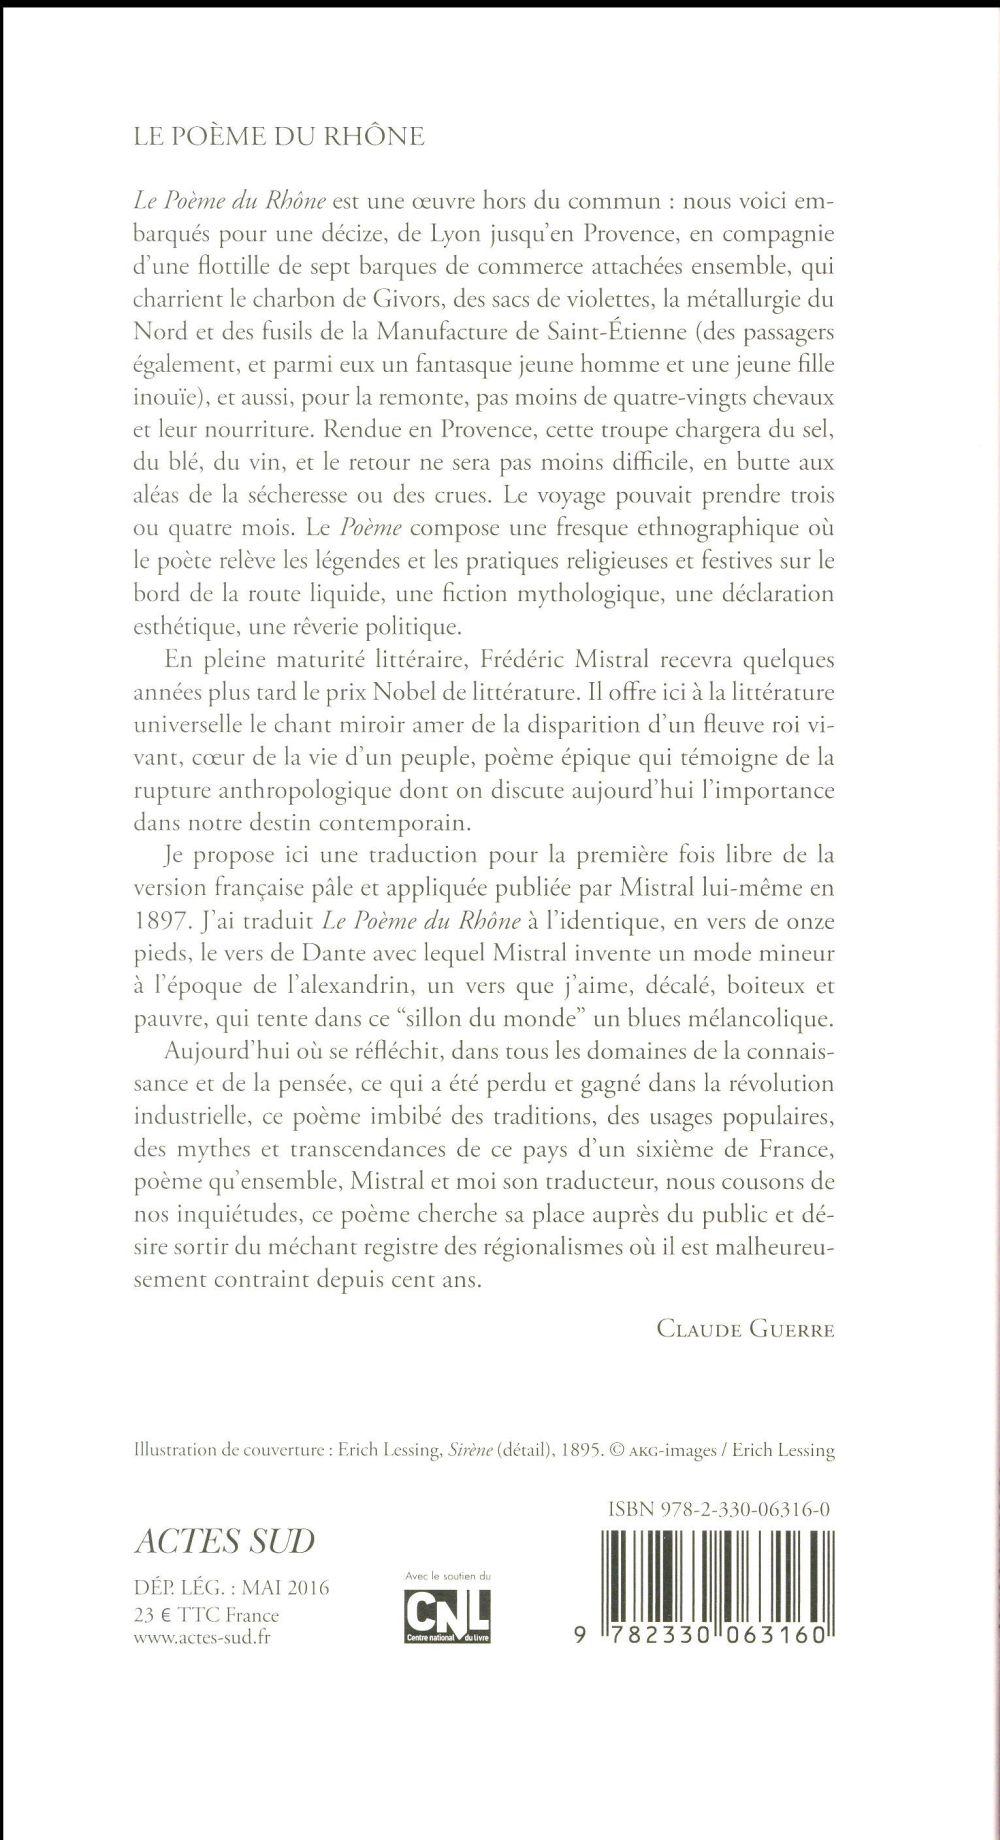 Le poème du Rhône